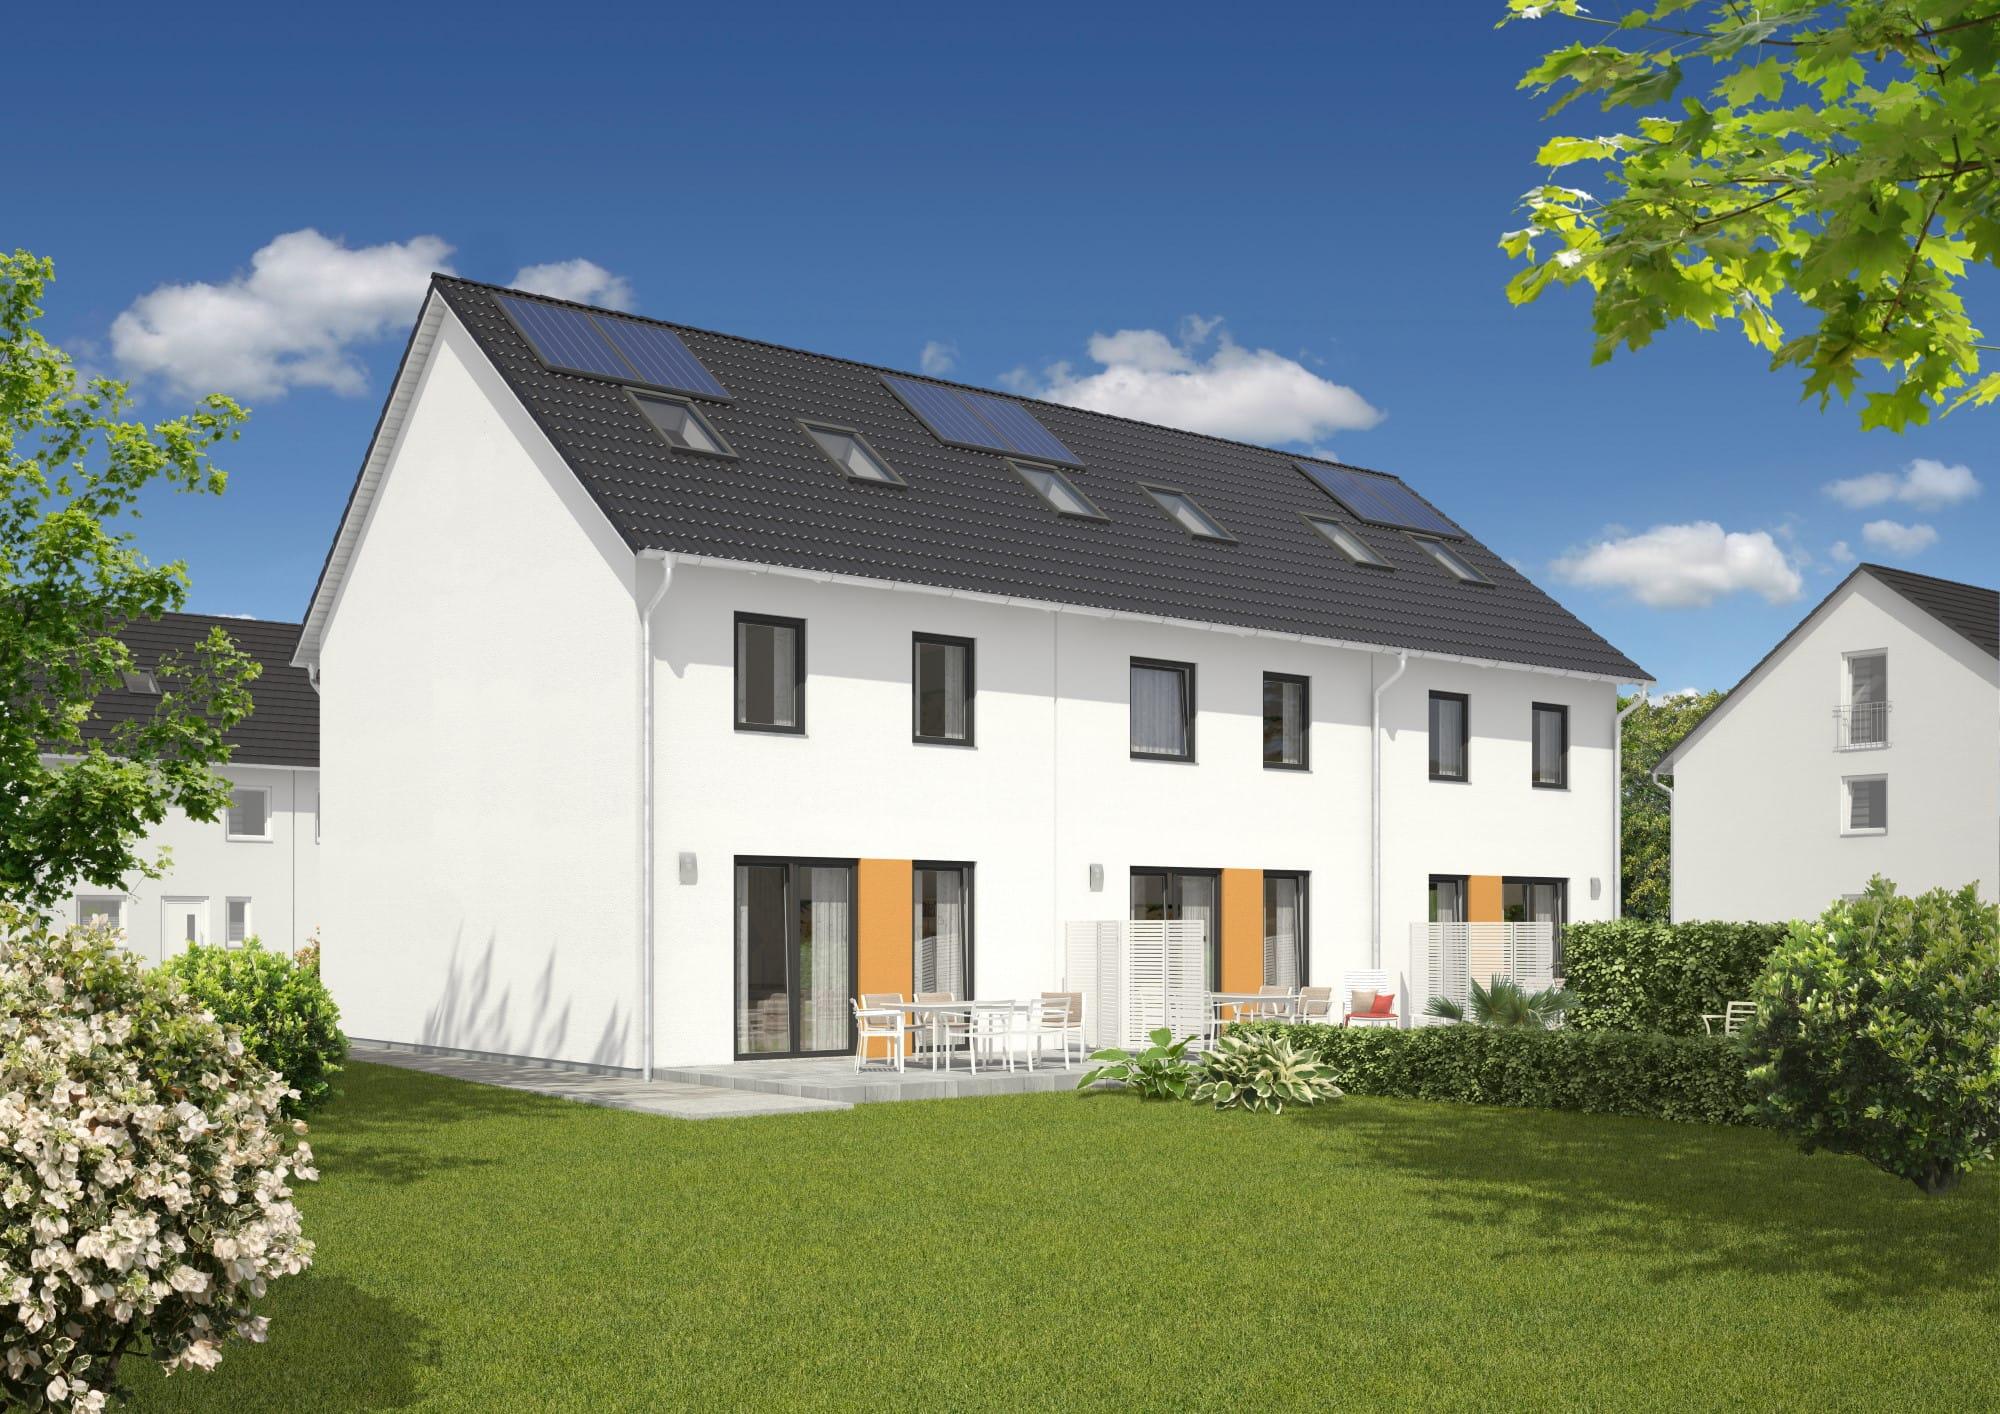 Reihenhaus mit Satteldach - Massivhaus bauen Ideen Town Country Haus Mainz 128 Style - HausbauDirekt.de